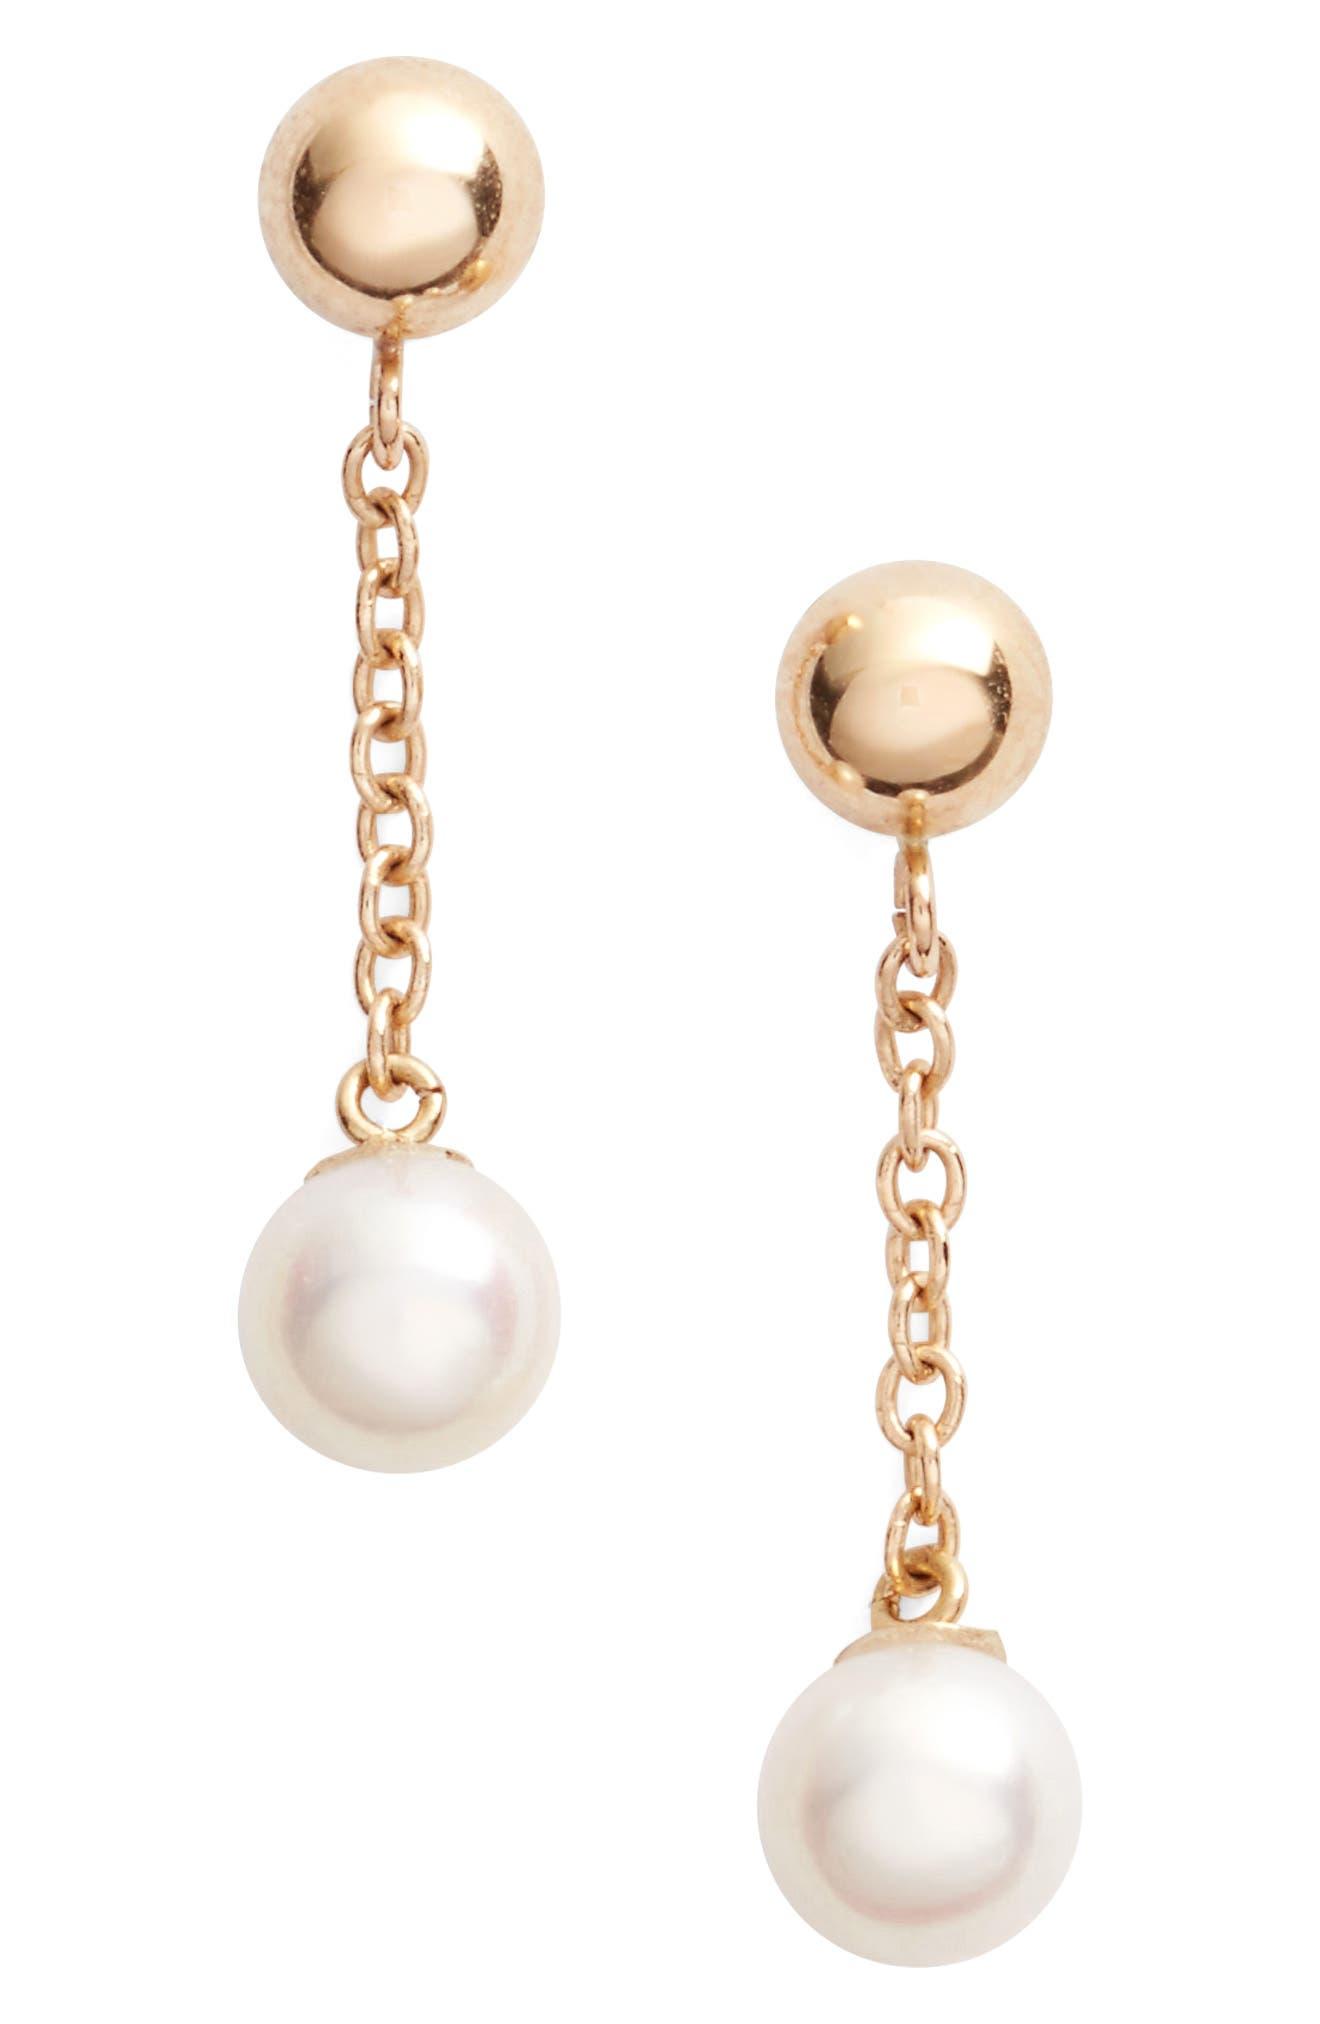 Poppy Finch Linear Drop Pearl Earrings